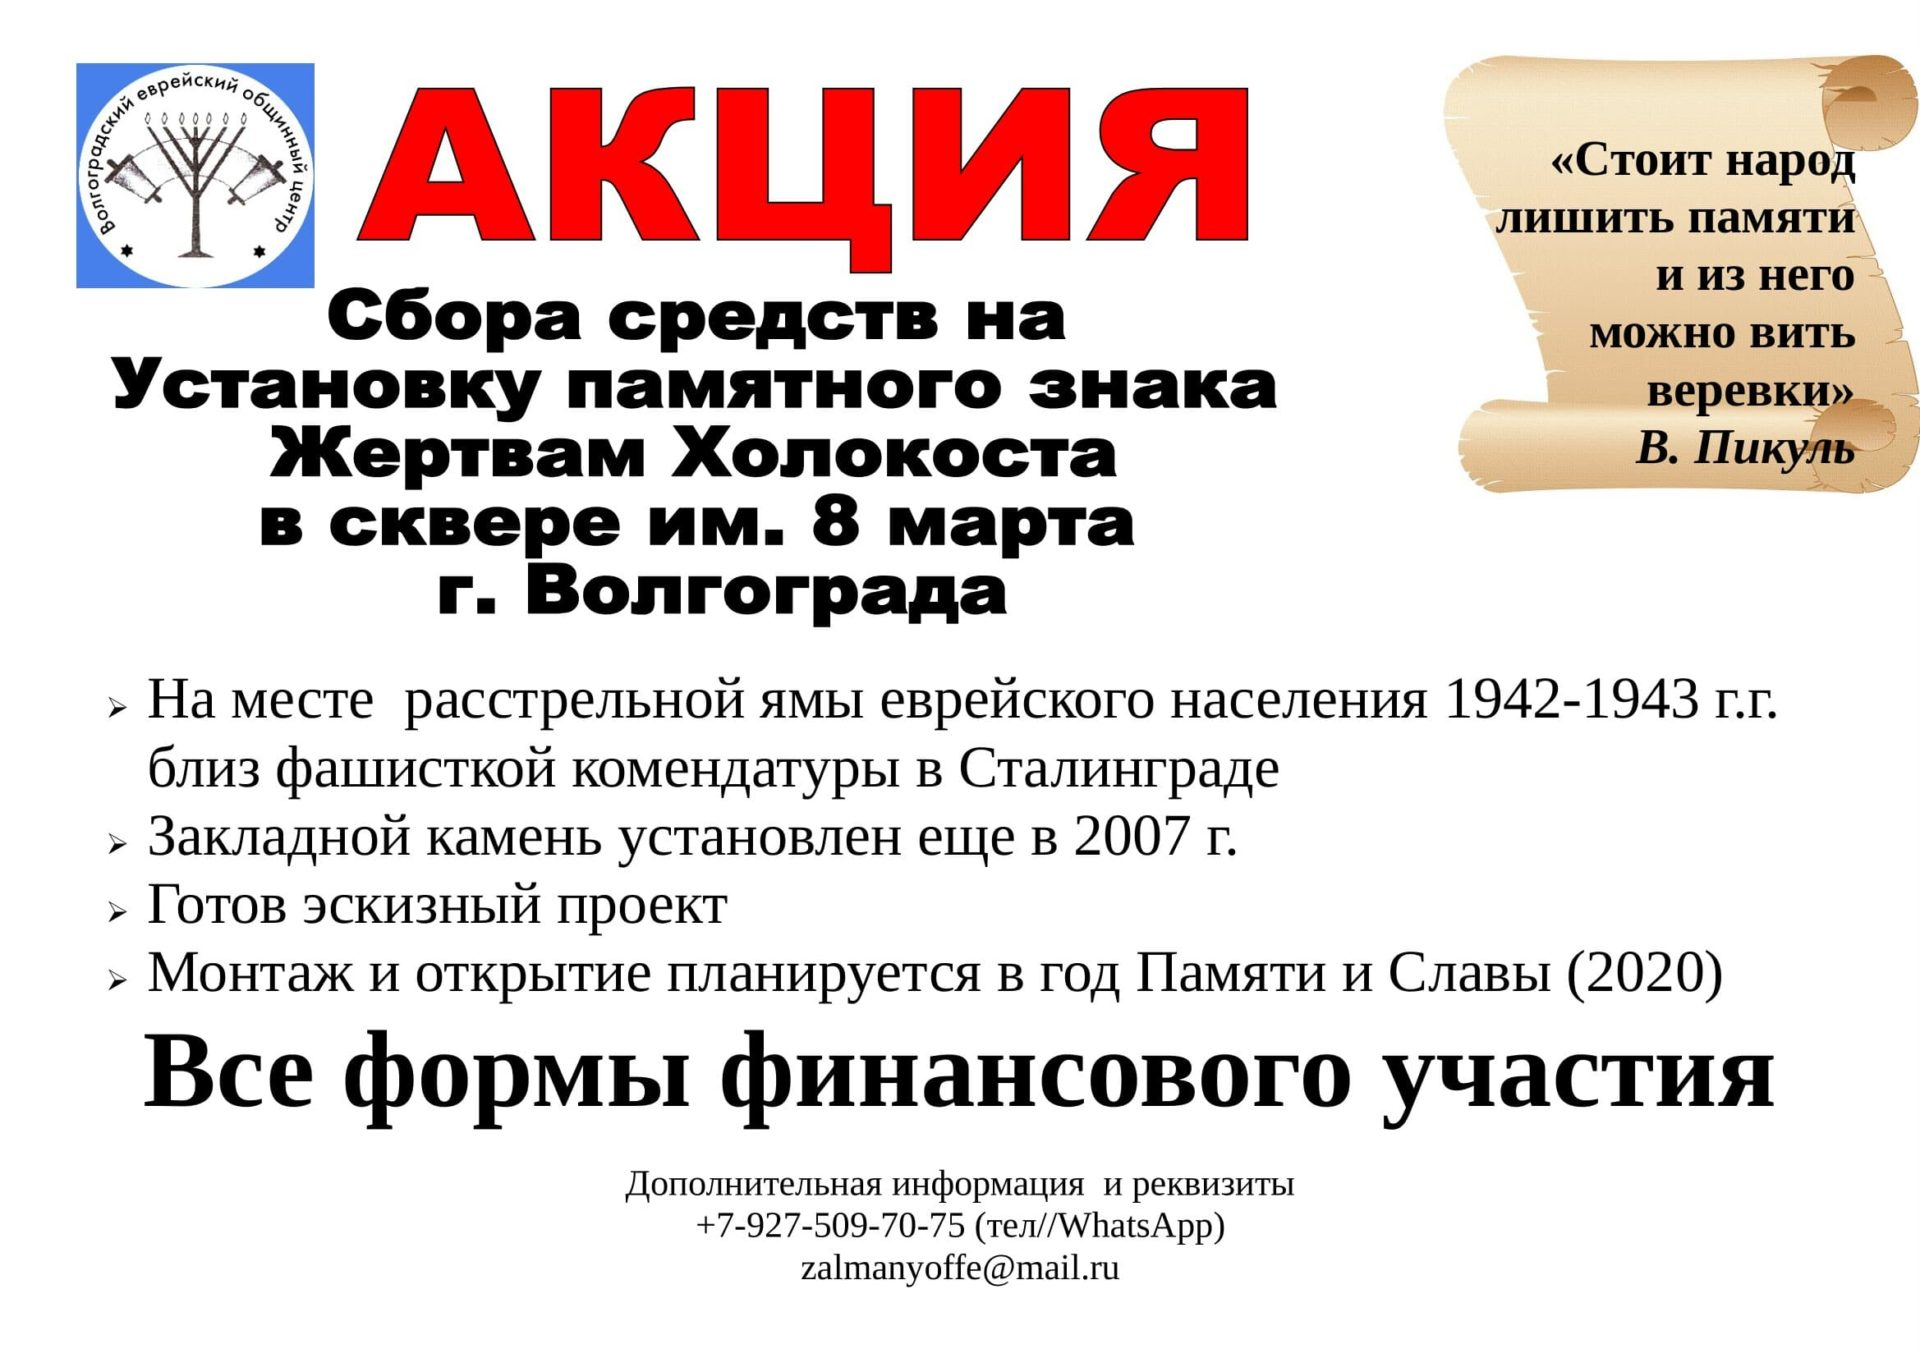 Продолжается средств на установку памятного знака в Волгограде